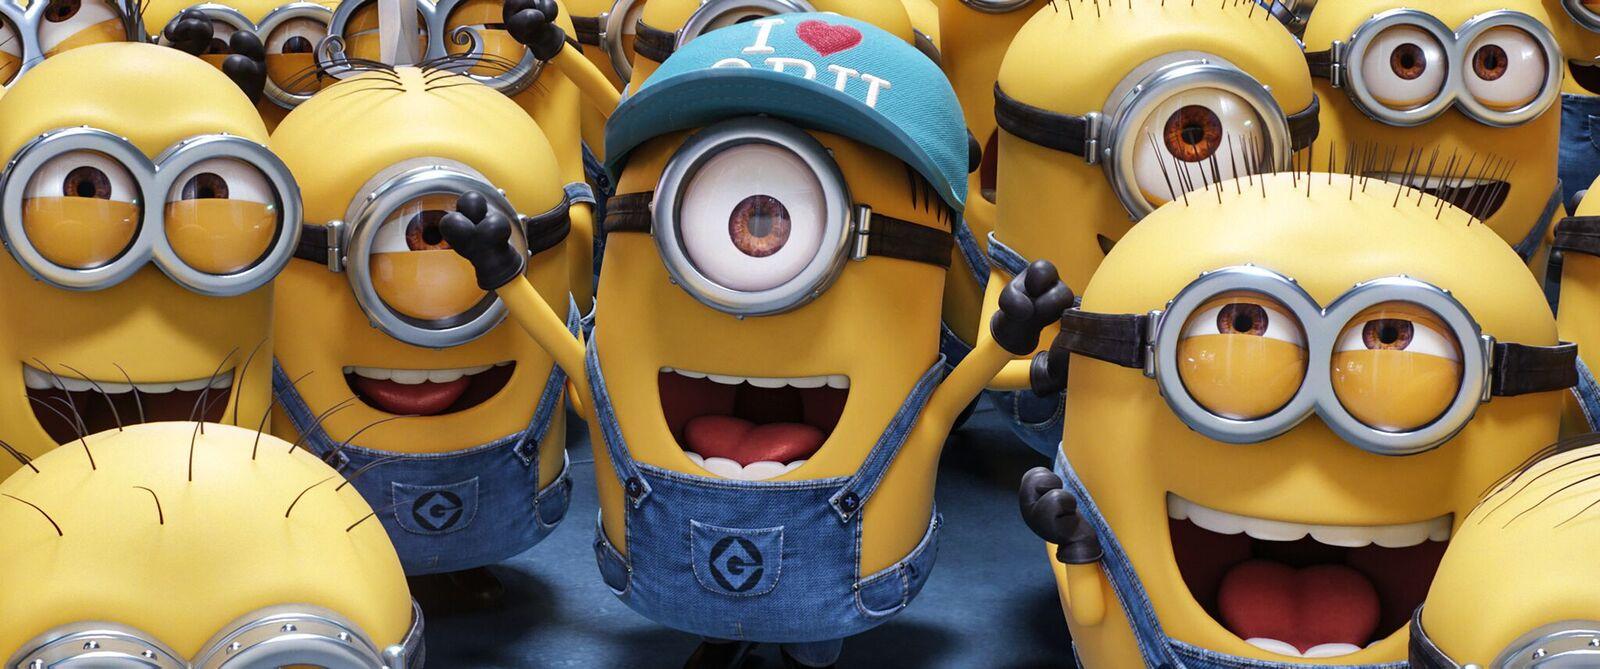 Who doesn't love the Minions? \ Image: Illumination Media